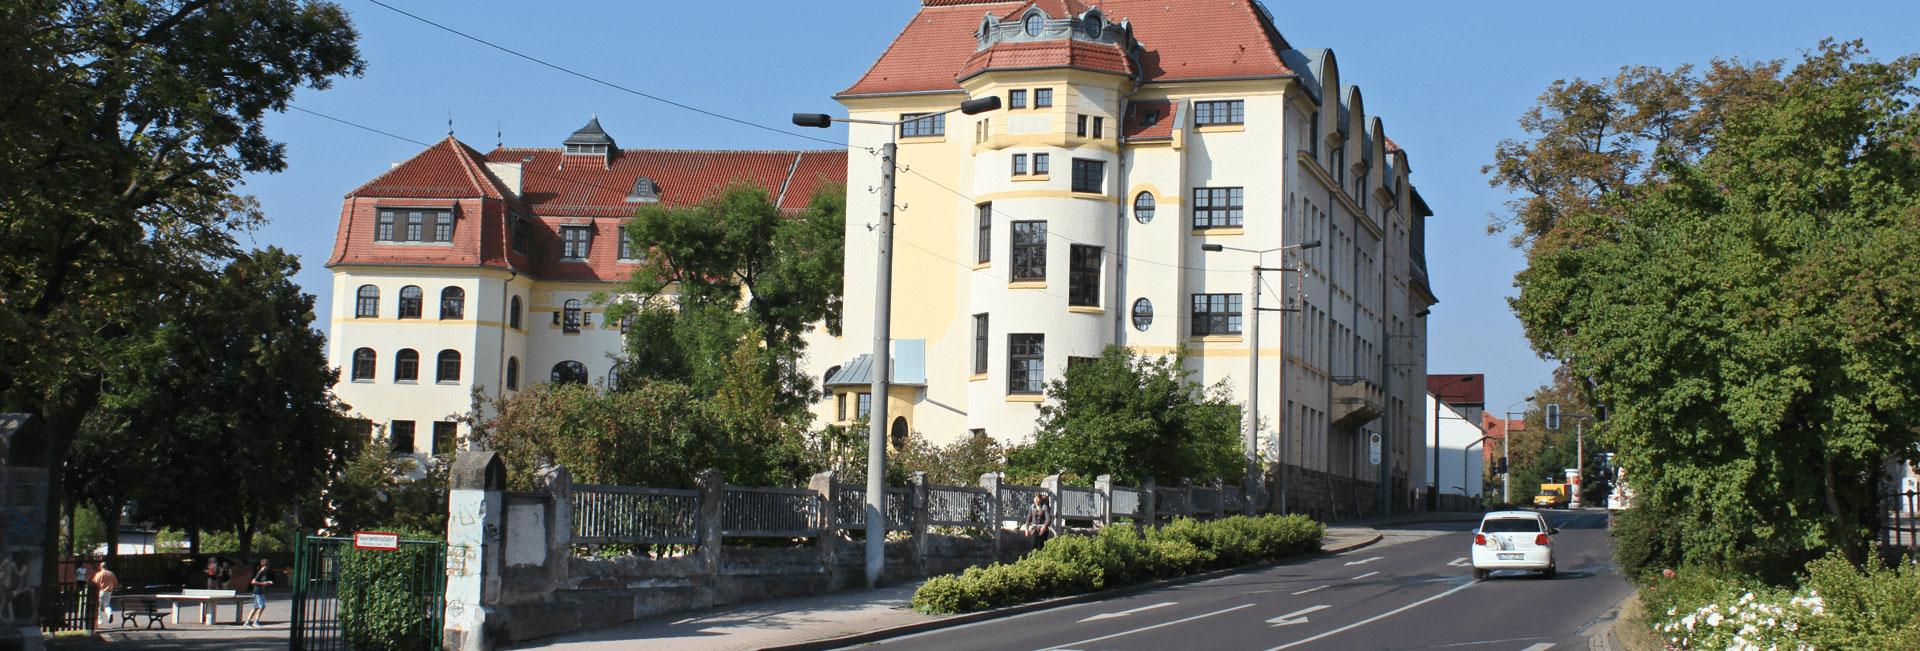 http://www.arnoldi-gym.de/wp-content/uploads/2016/08/schule-strasse-header-arnoldi2.jpg